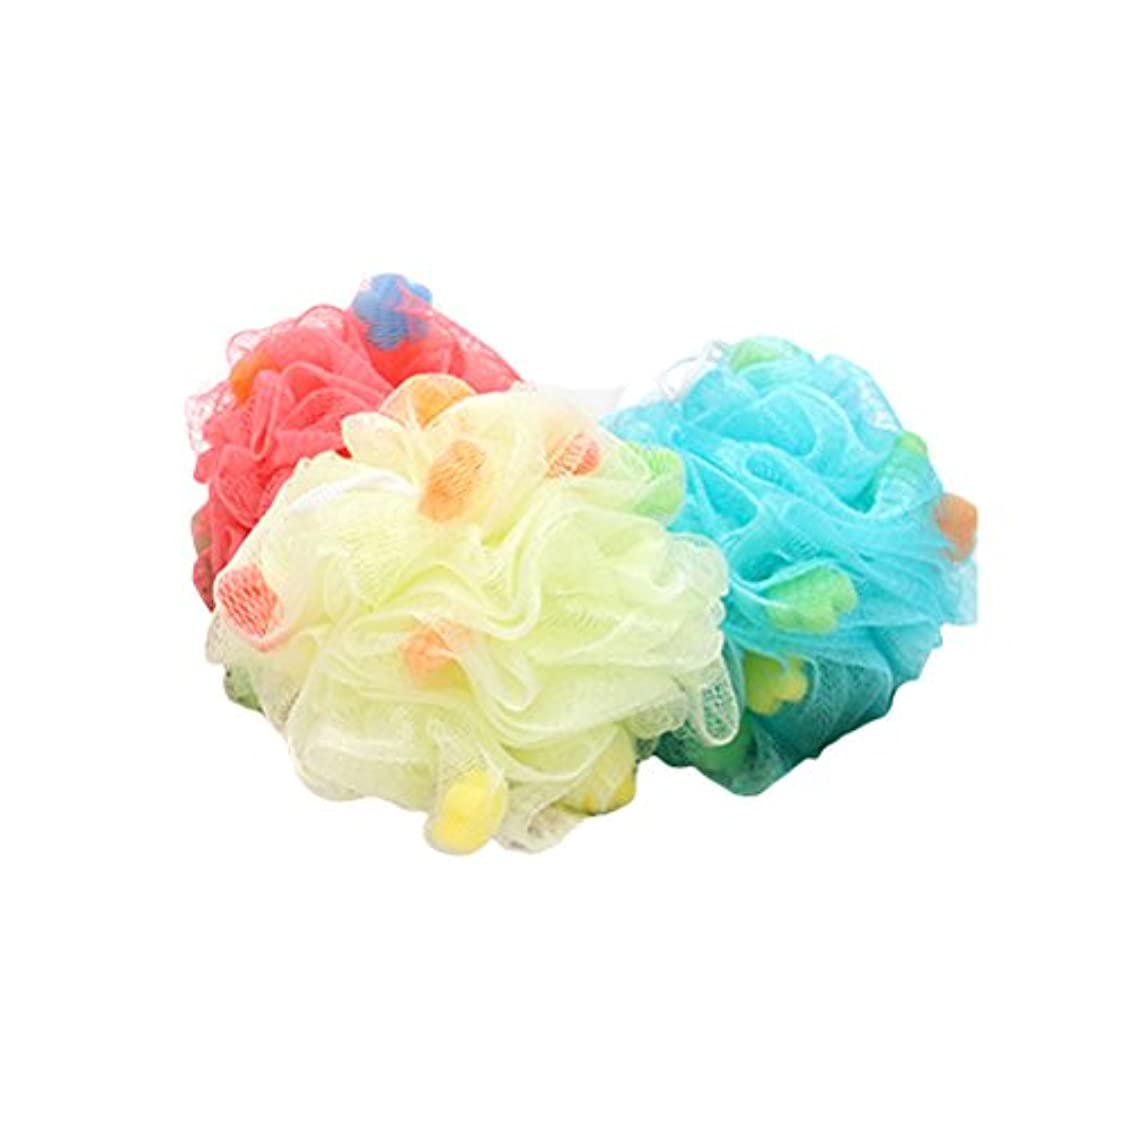 飲食店常に練習したHealifty ボディースポンジ 泡立てネット フラワーボール シャワー用 バス用品 背中も洗える メッシュ ボディ洗い 泡肌美人(ランダム色)3個